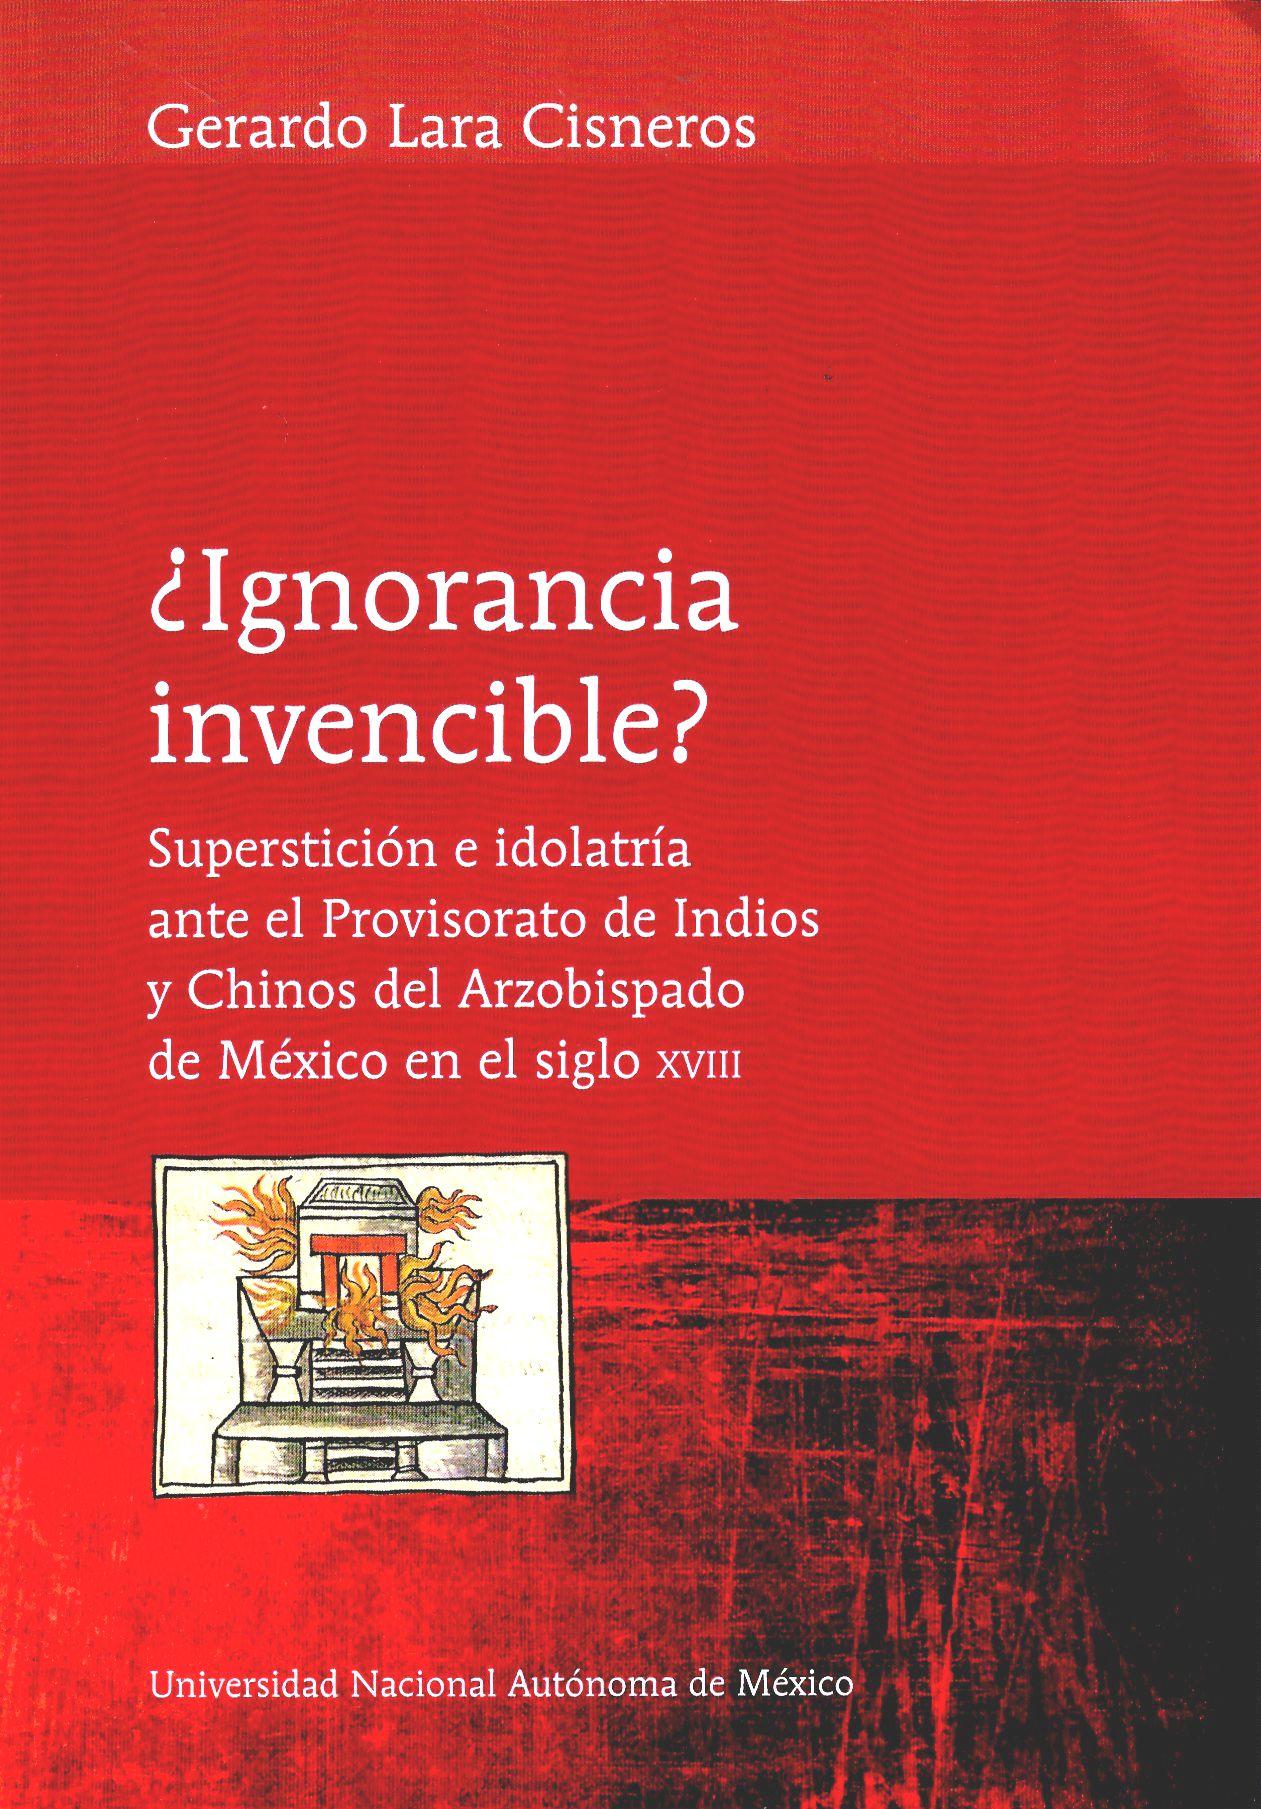 ¿Ignorancia invencible? Superstición e idolatría ante el Provisorato de Indios y Chinos del Arzobispado de México en el siglo XVIII